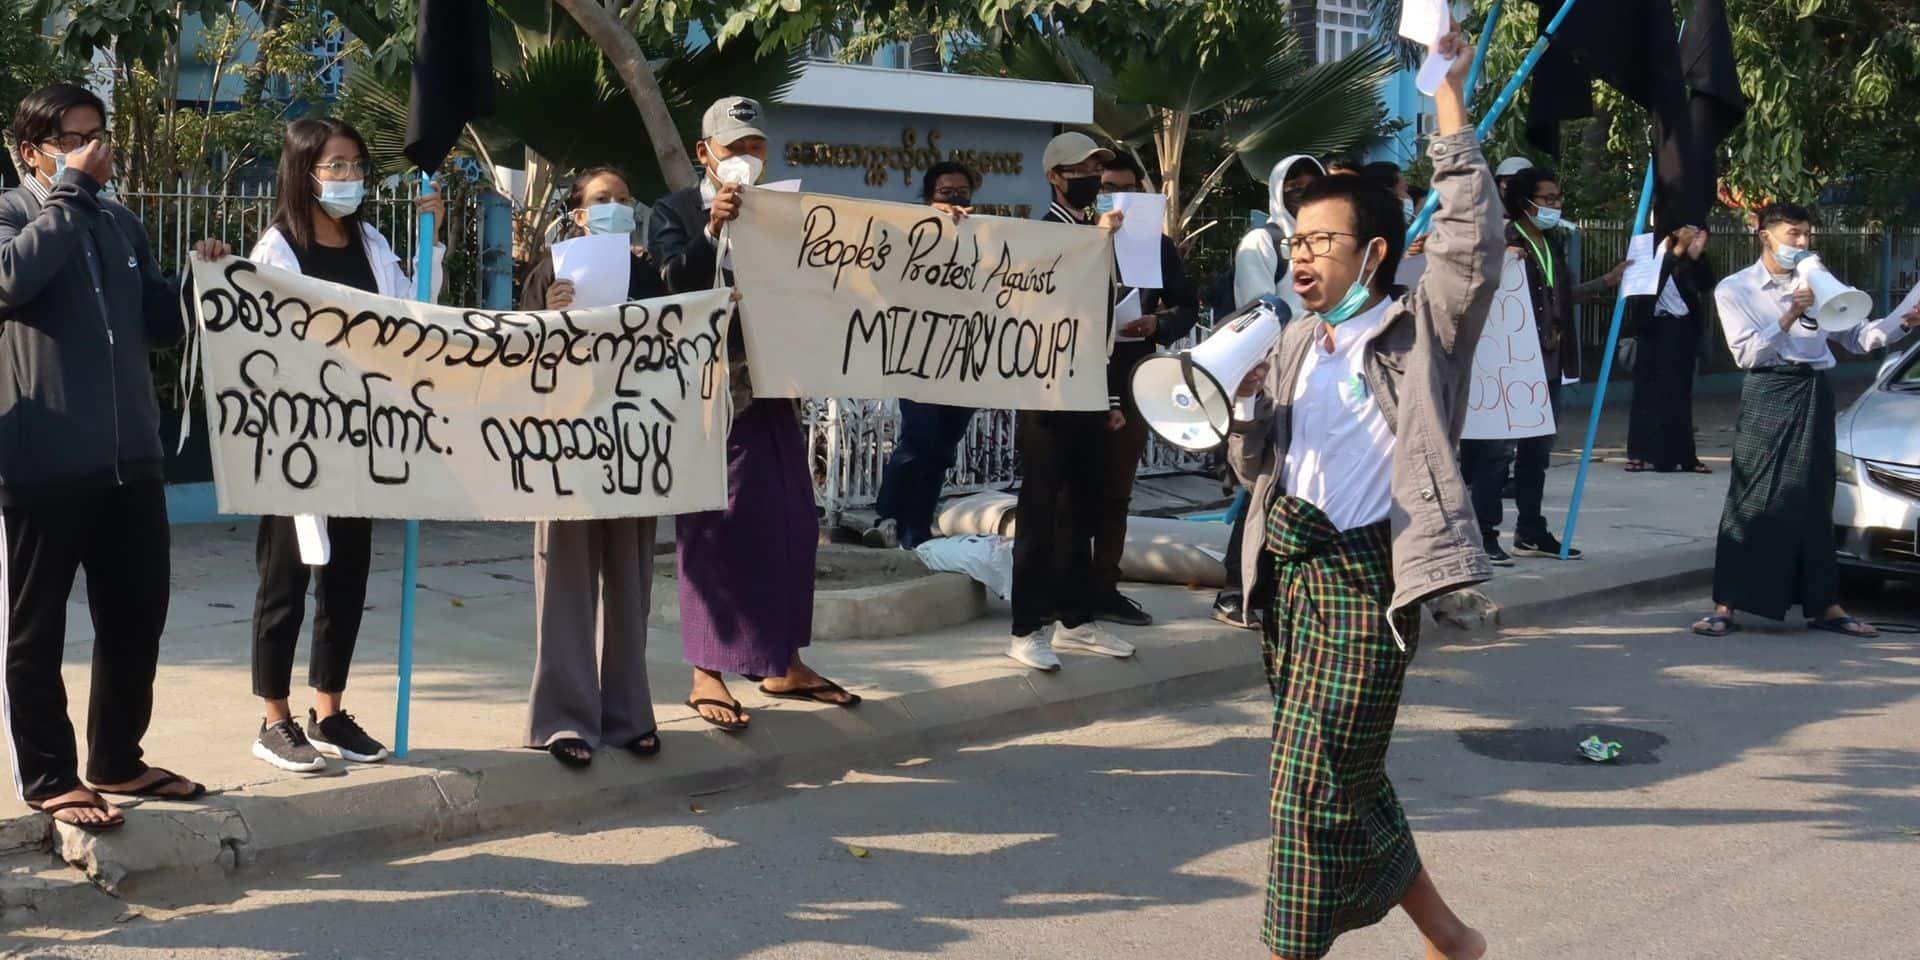 Coup d'état en Birmanie: Facebook perturbé, les appels à résister continuent à se propager